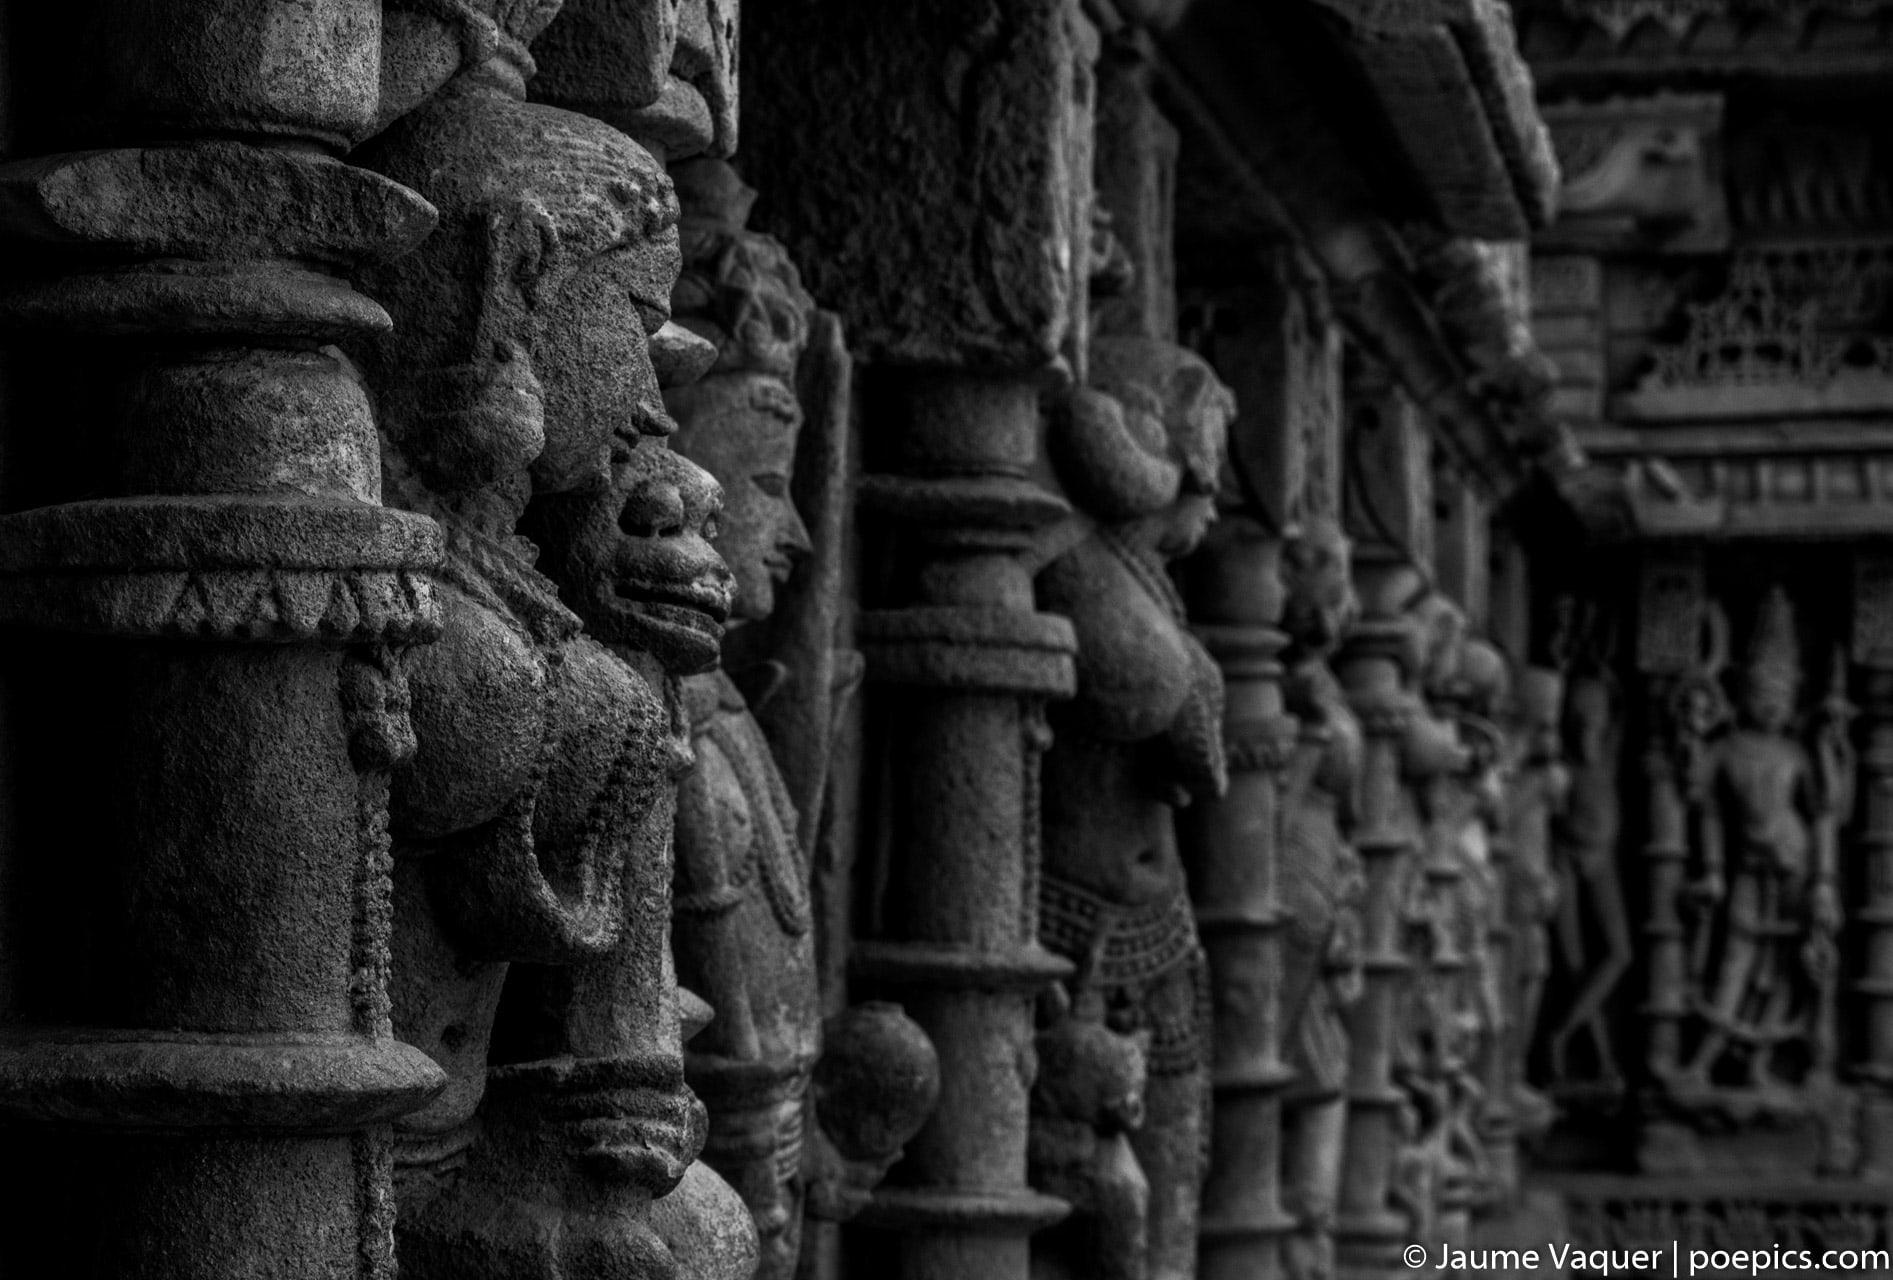 Esculturas de la India, Templo Rani Ki Vav, Patan, Gujarat, India